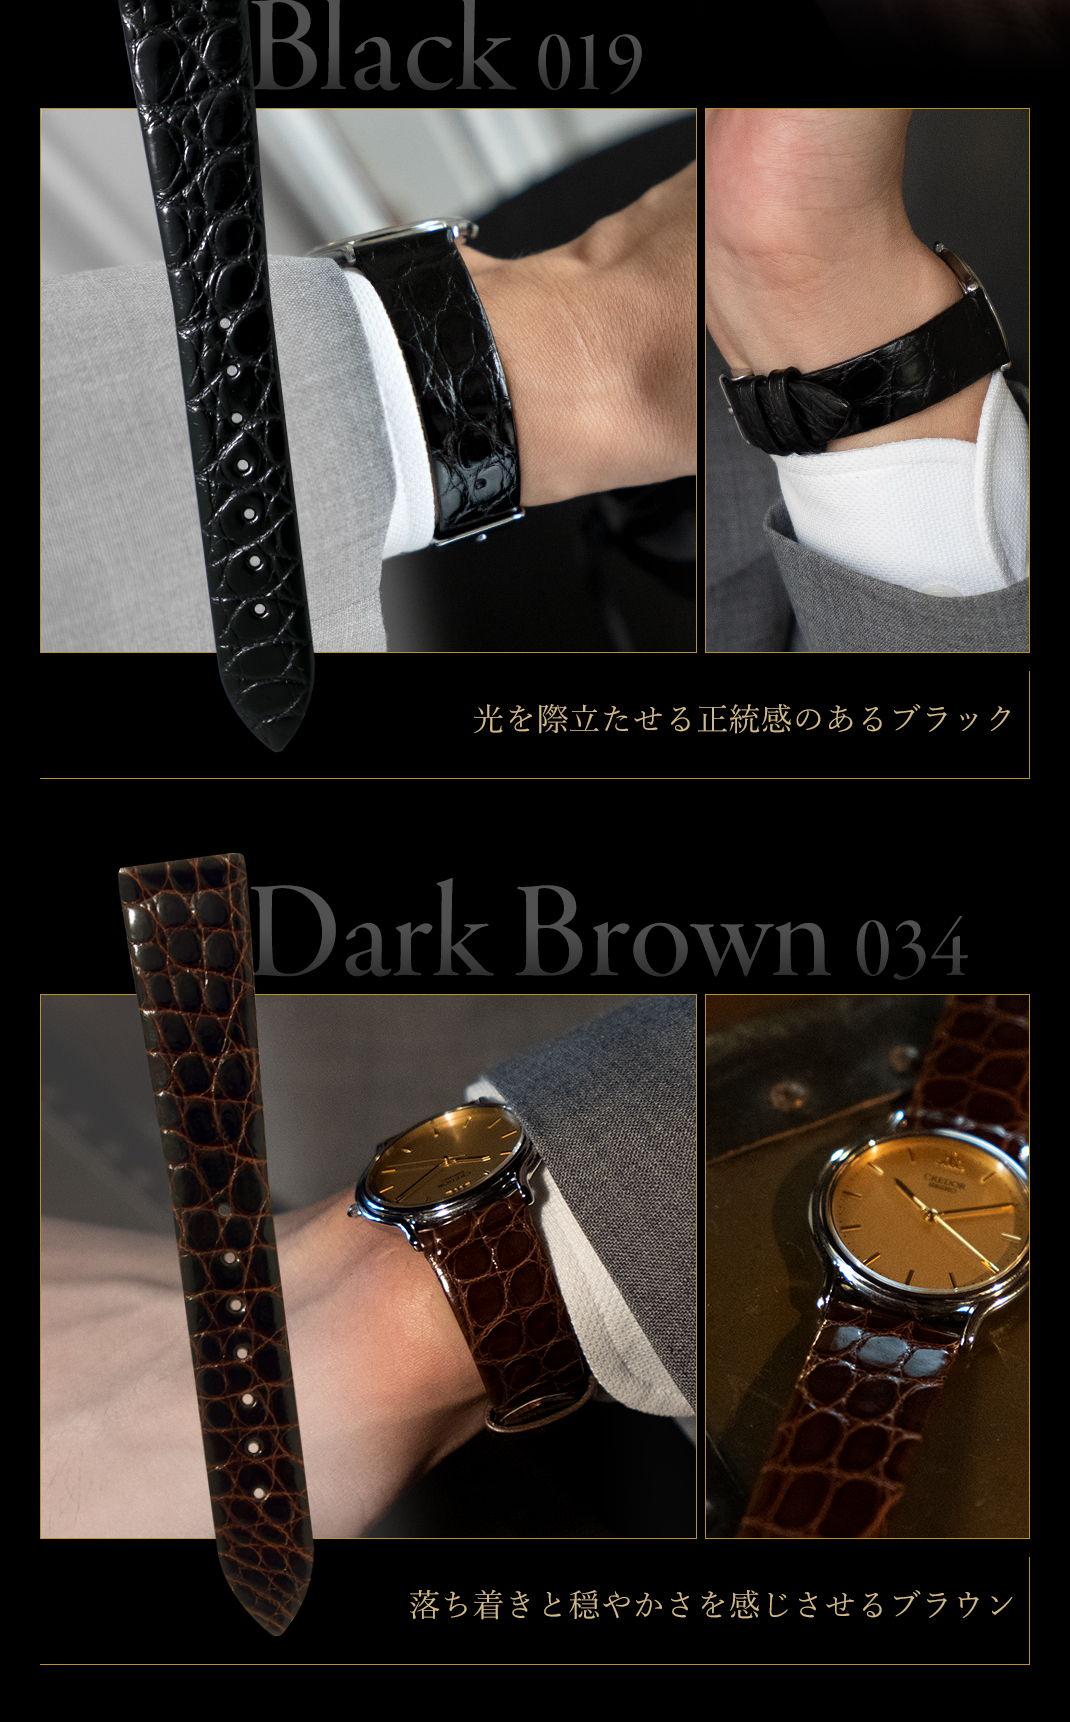 光を際立たせる正統感のあるブラック Black (019) 落ち着きと穏やかさを感じさせるブラウン Dark Brown (034)